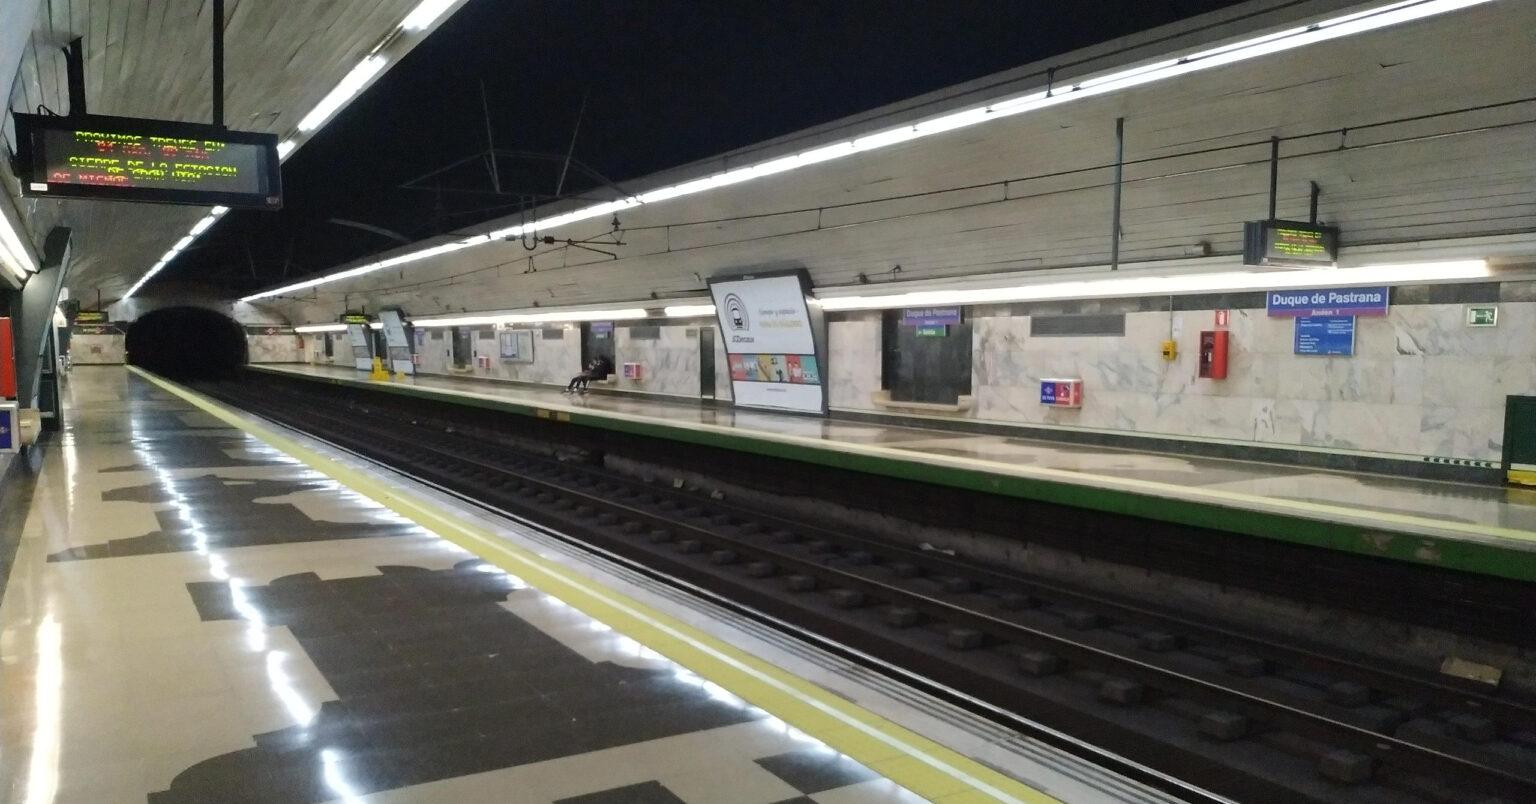 La estación Duque de Pastrana de la línea 9 del metro de Madrid antes del inicio de las obras de reforma. MIGUEL BUSTOS.